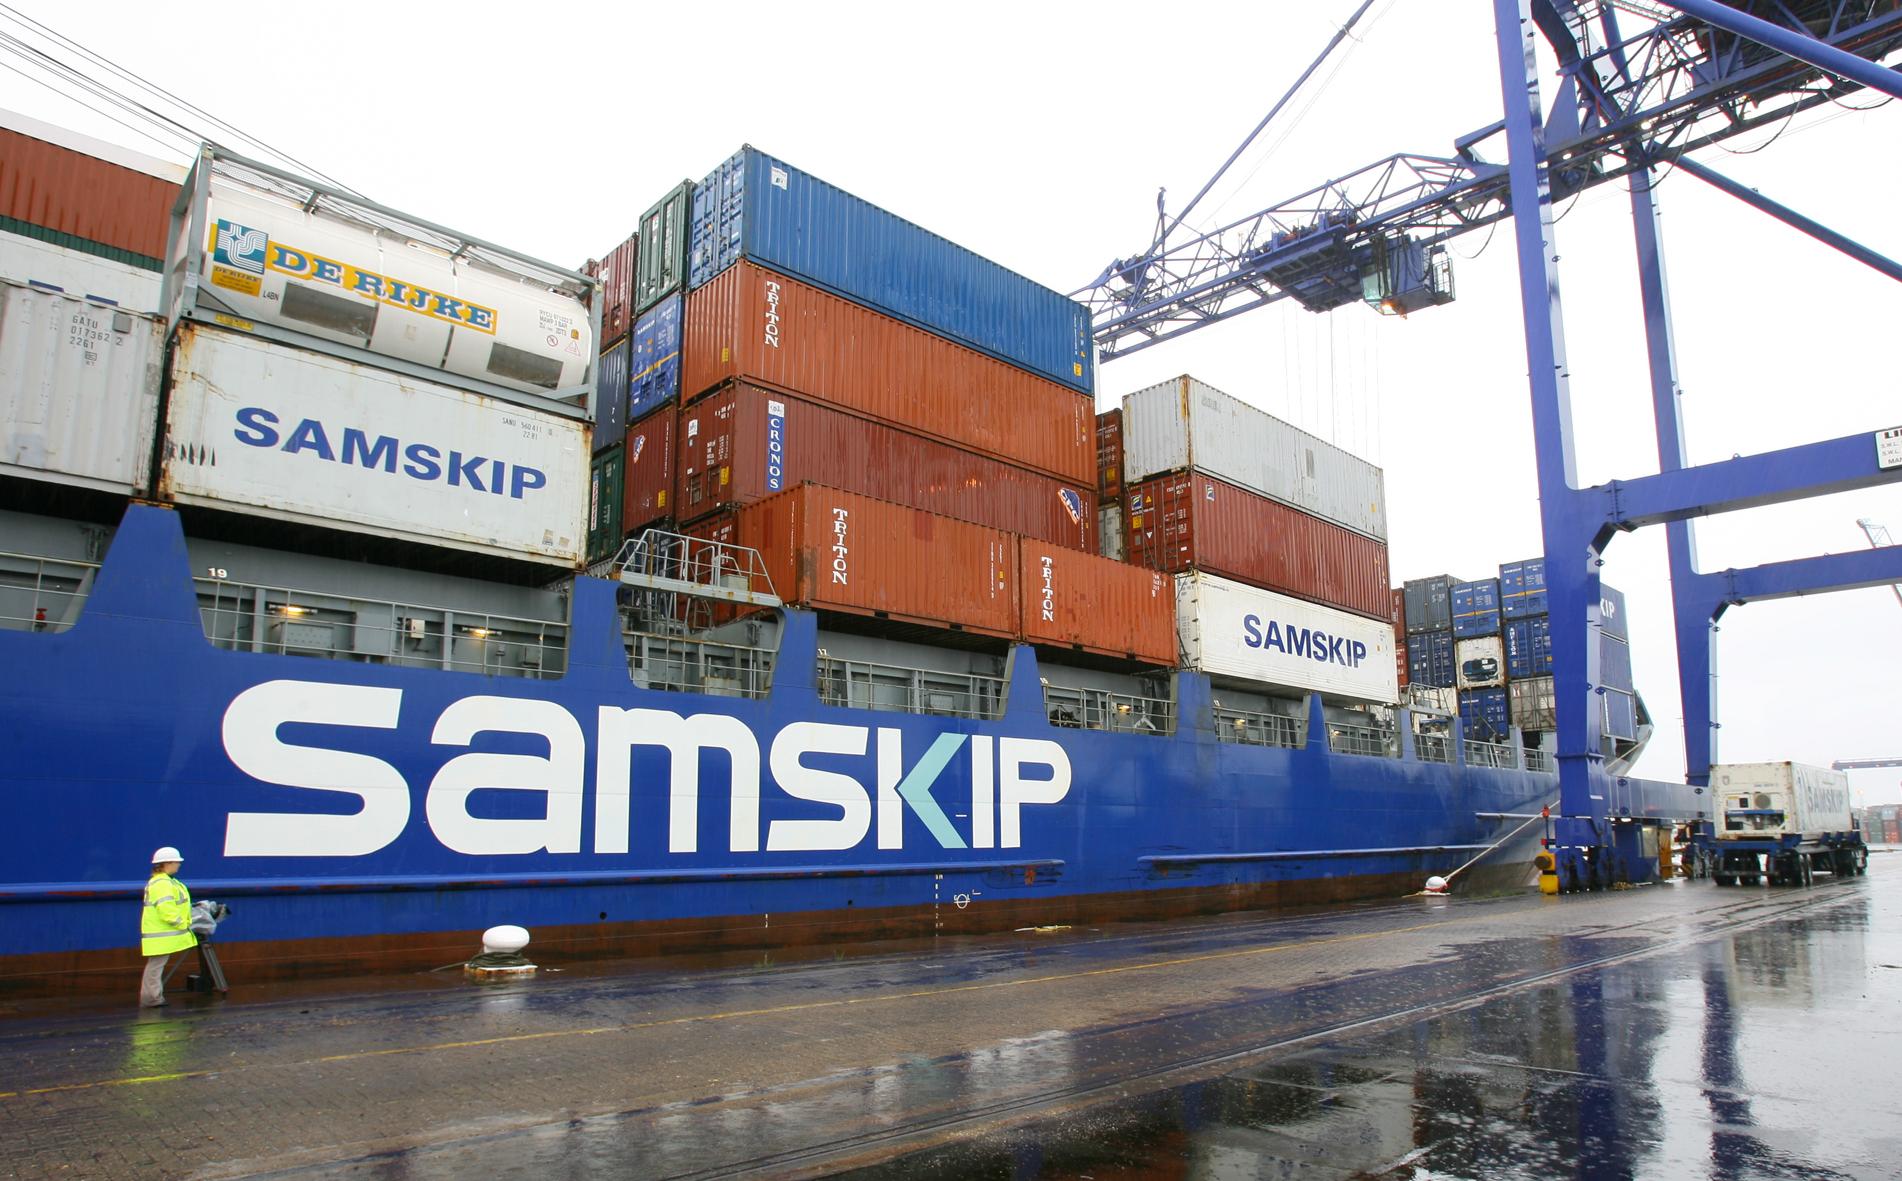 Samskip - Logistics